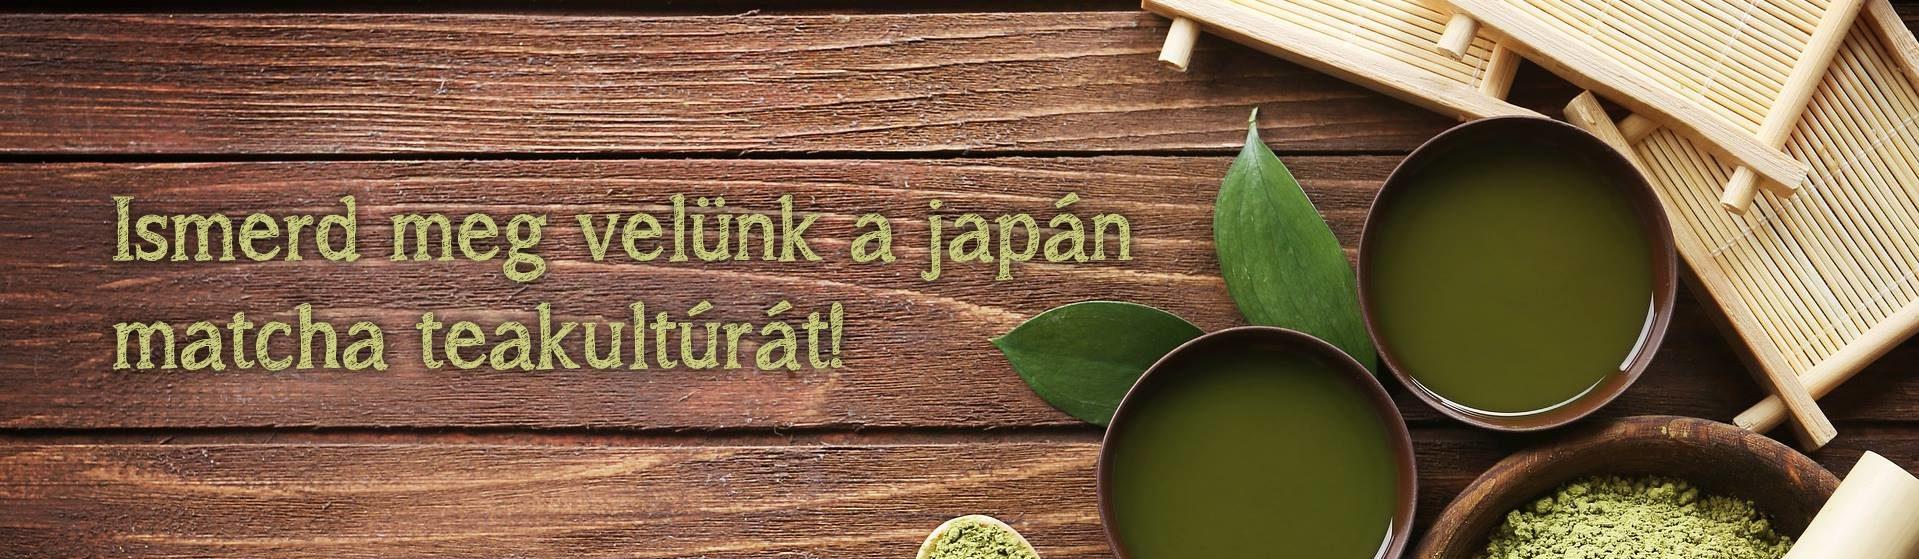 Ismerd meg velünk a japán machta teakultúrát!